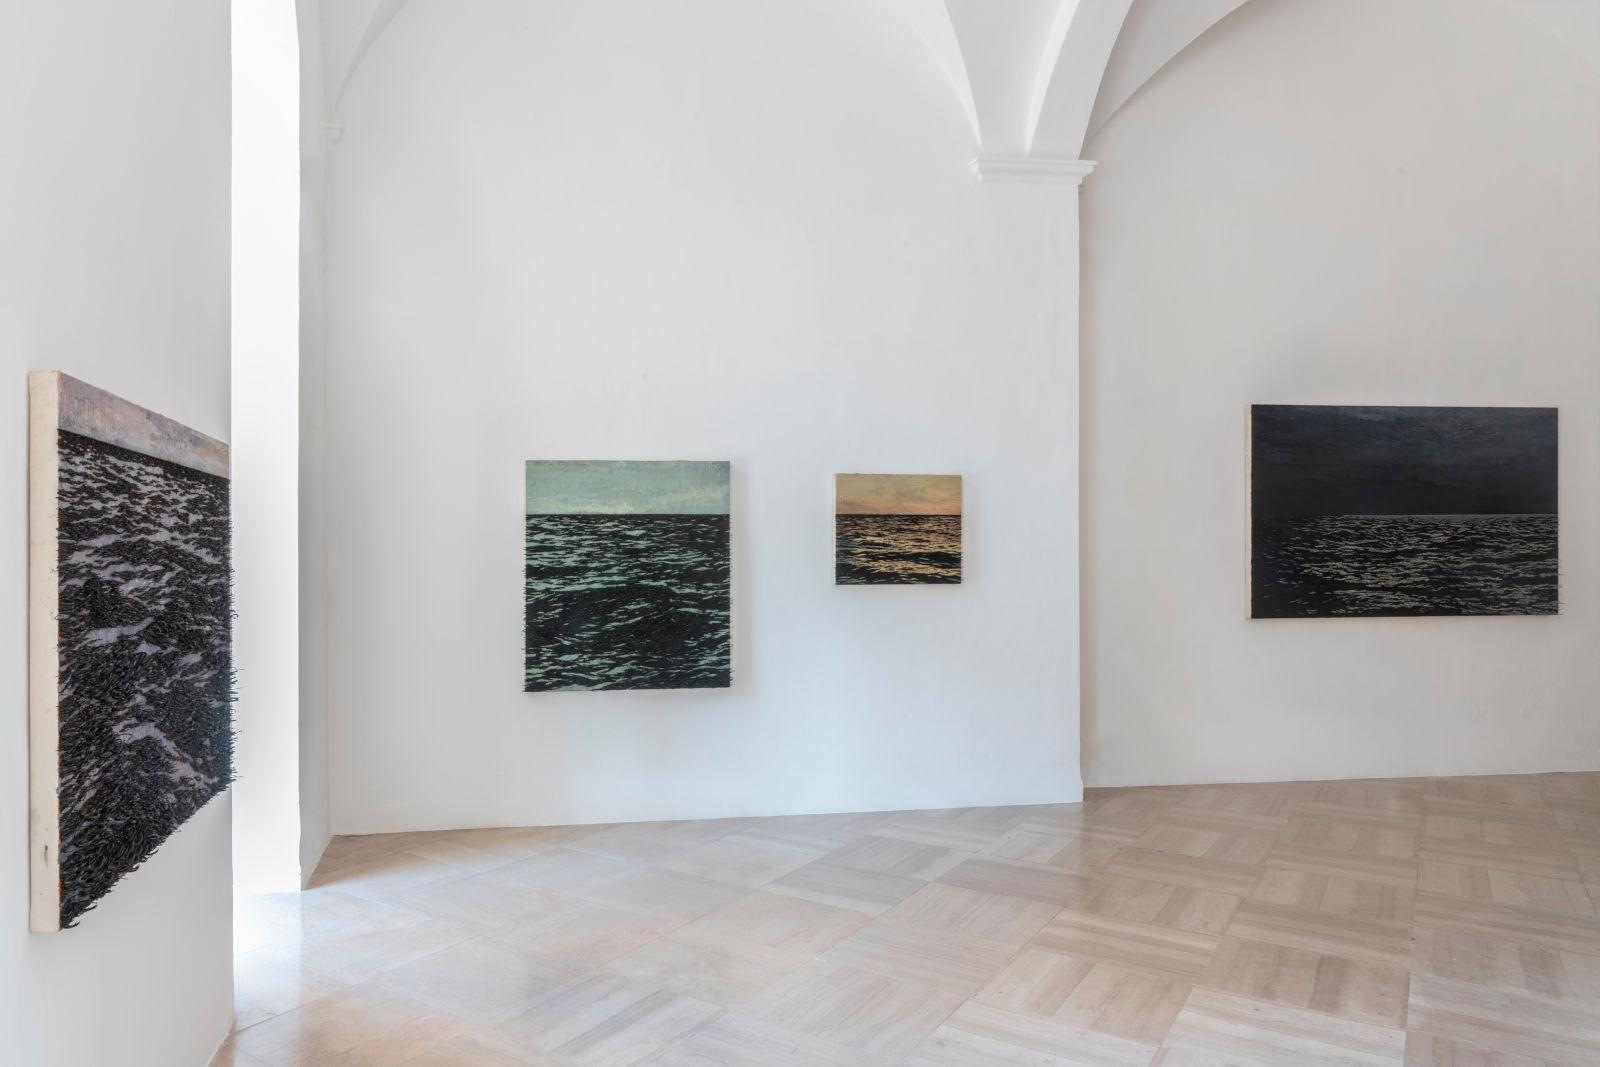 Galleria Continua San Gimignano Yoan Capote 1